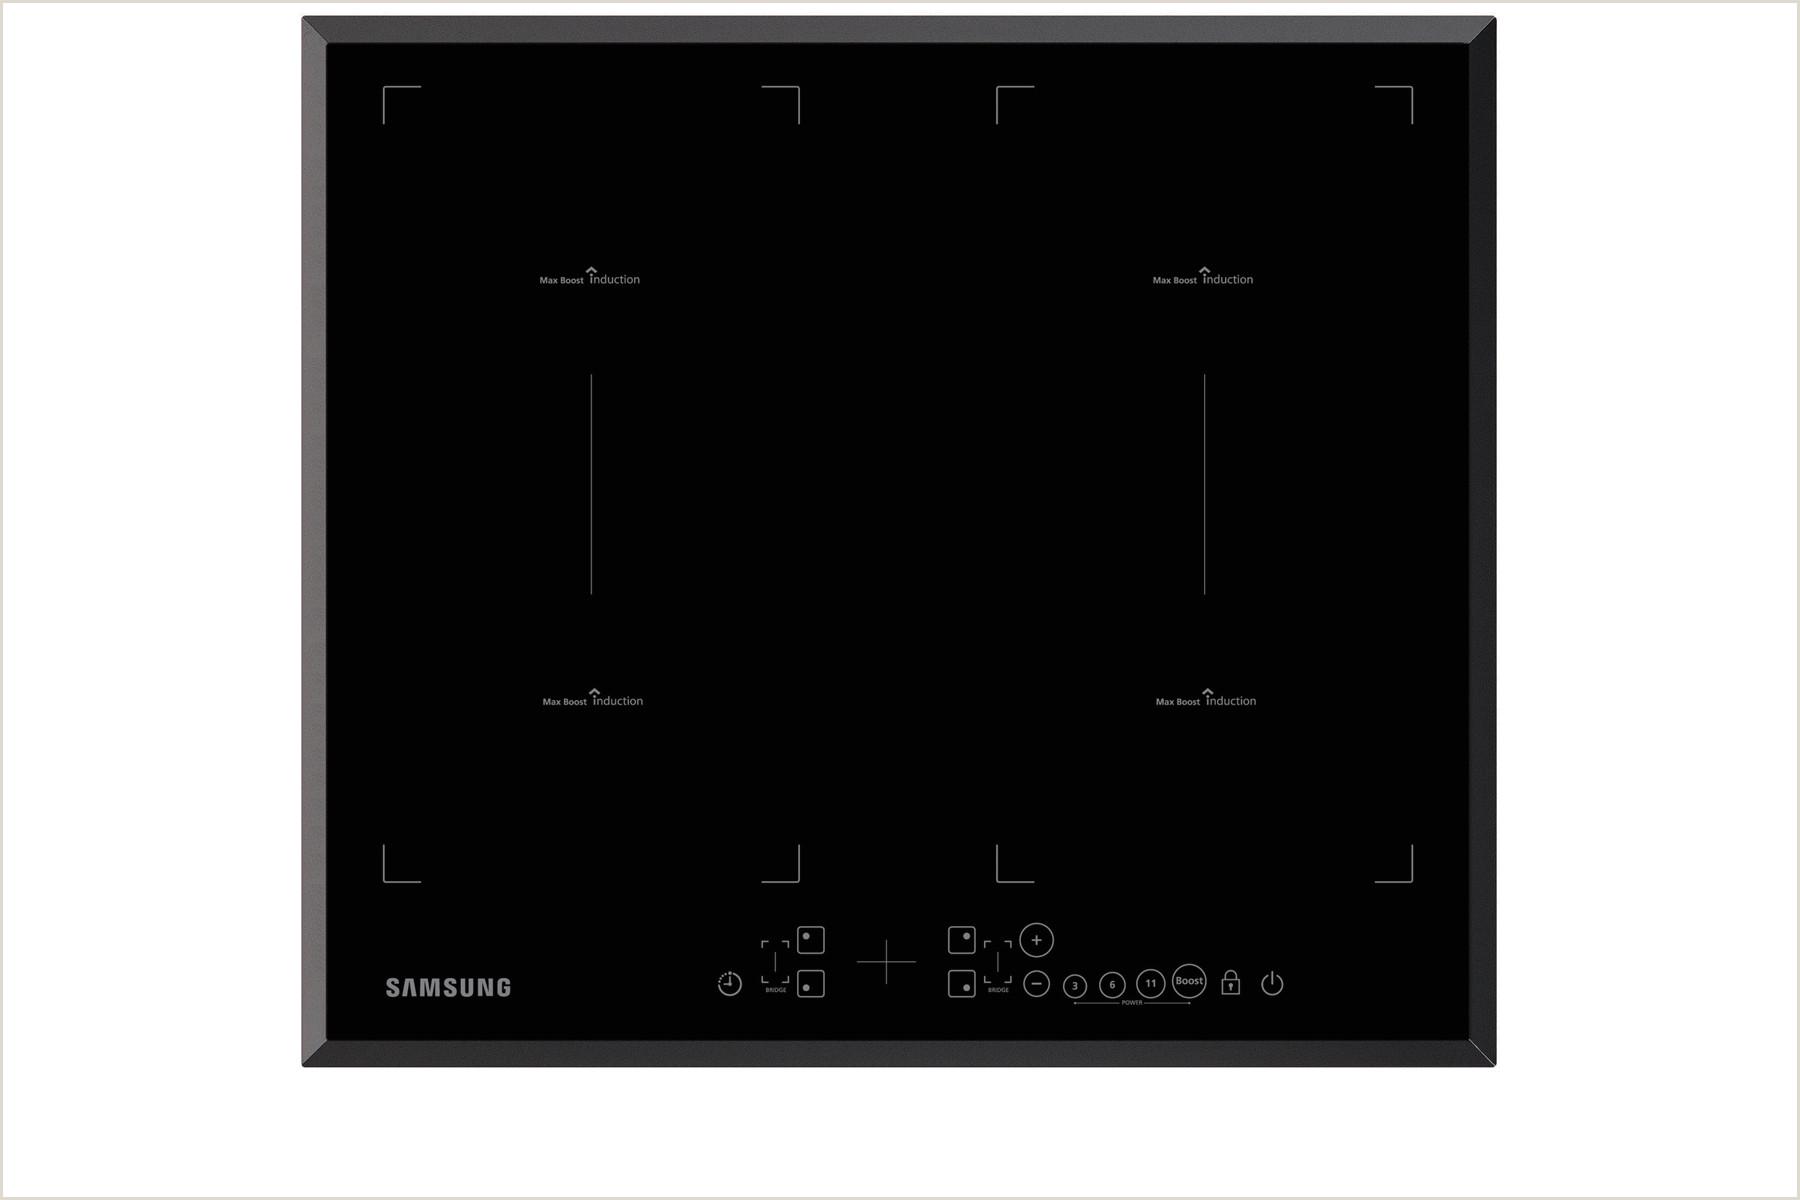 Hoja De Vida formato Unico Nacional Samsung Electroménager Plaque De Cuisson Table Induction 2